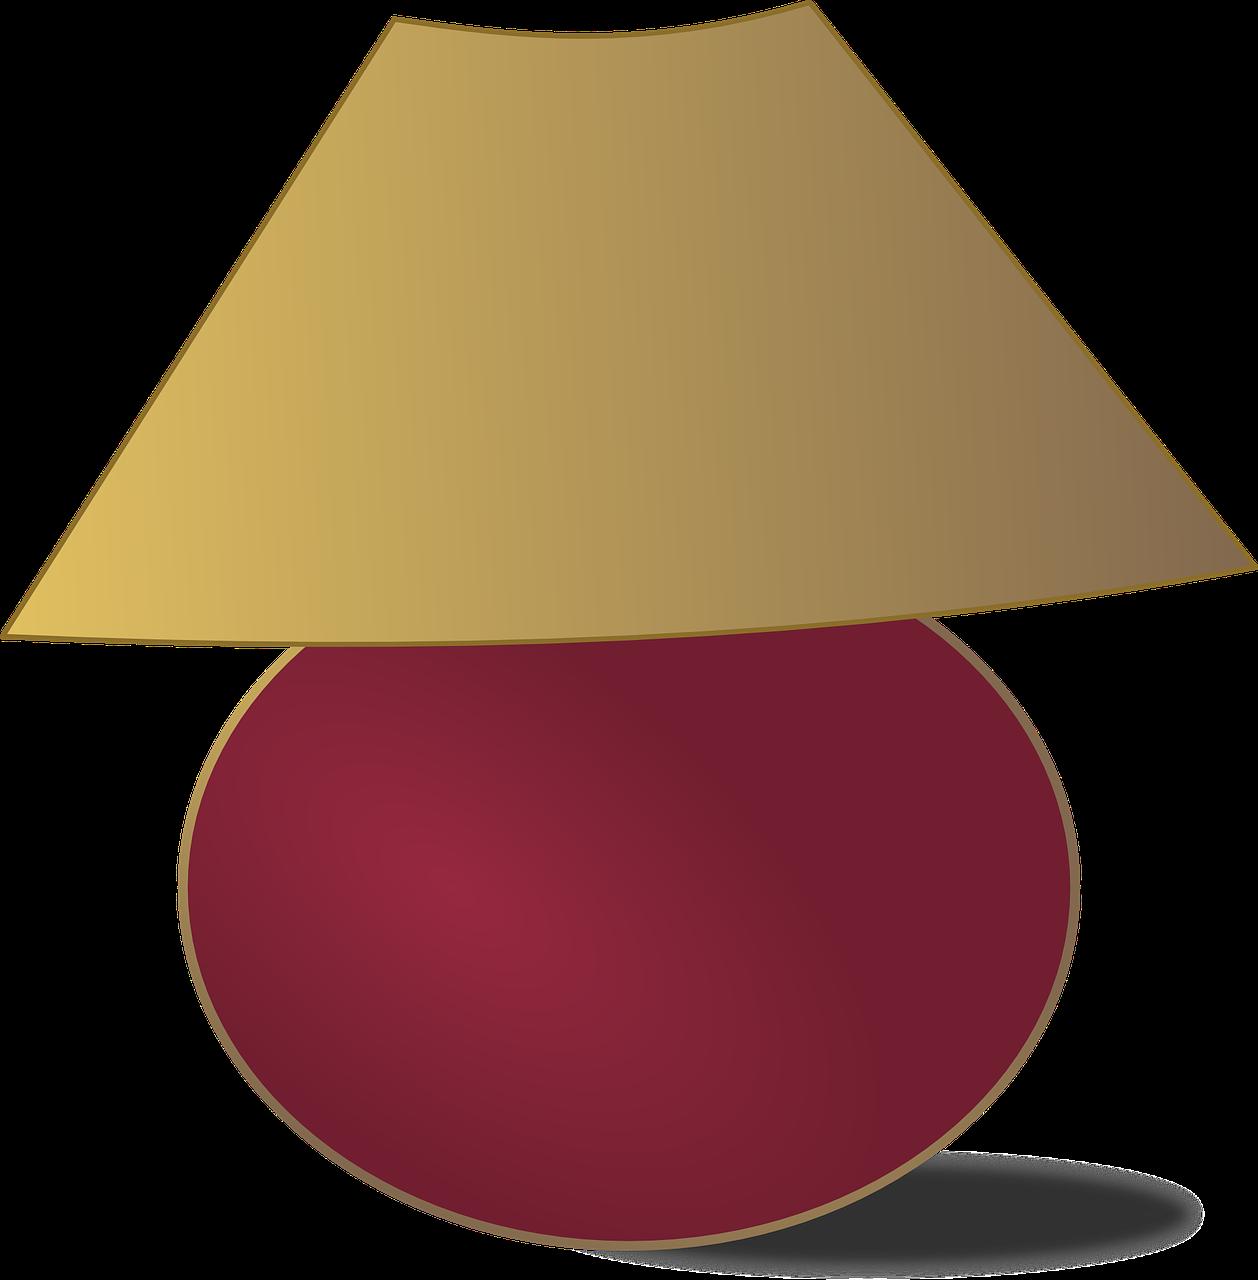 Light bedside transparent image. Furniture clipart pink lamp